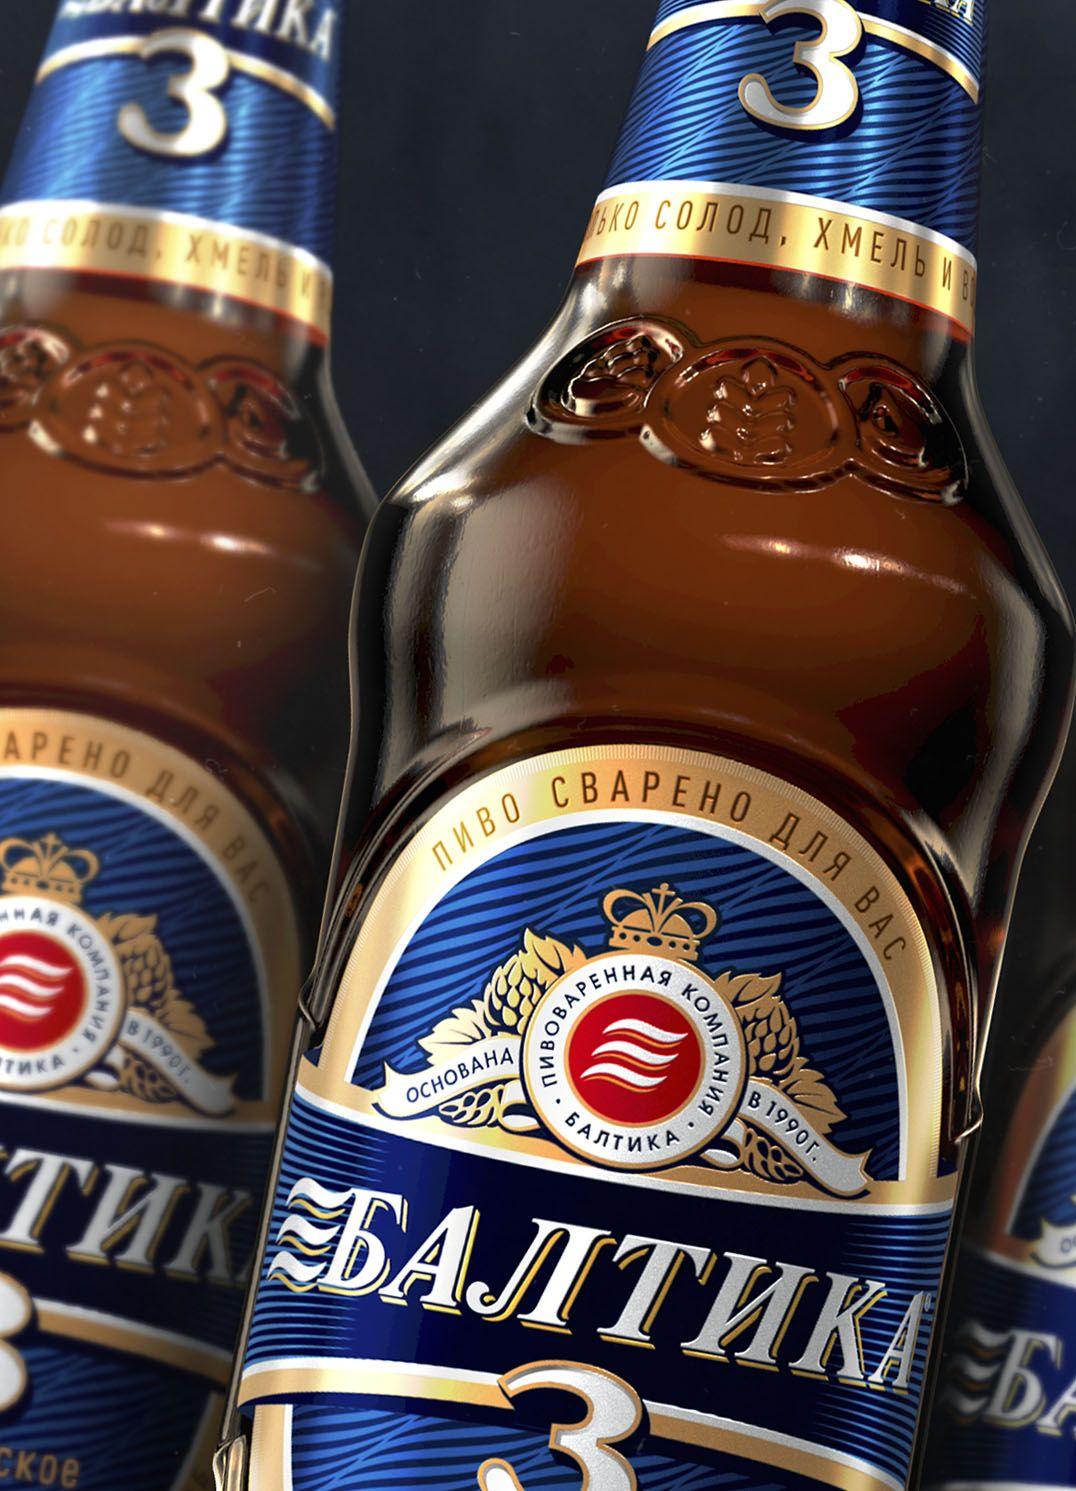 пиво балтика председатель фото что-то этом коротко